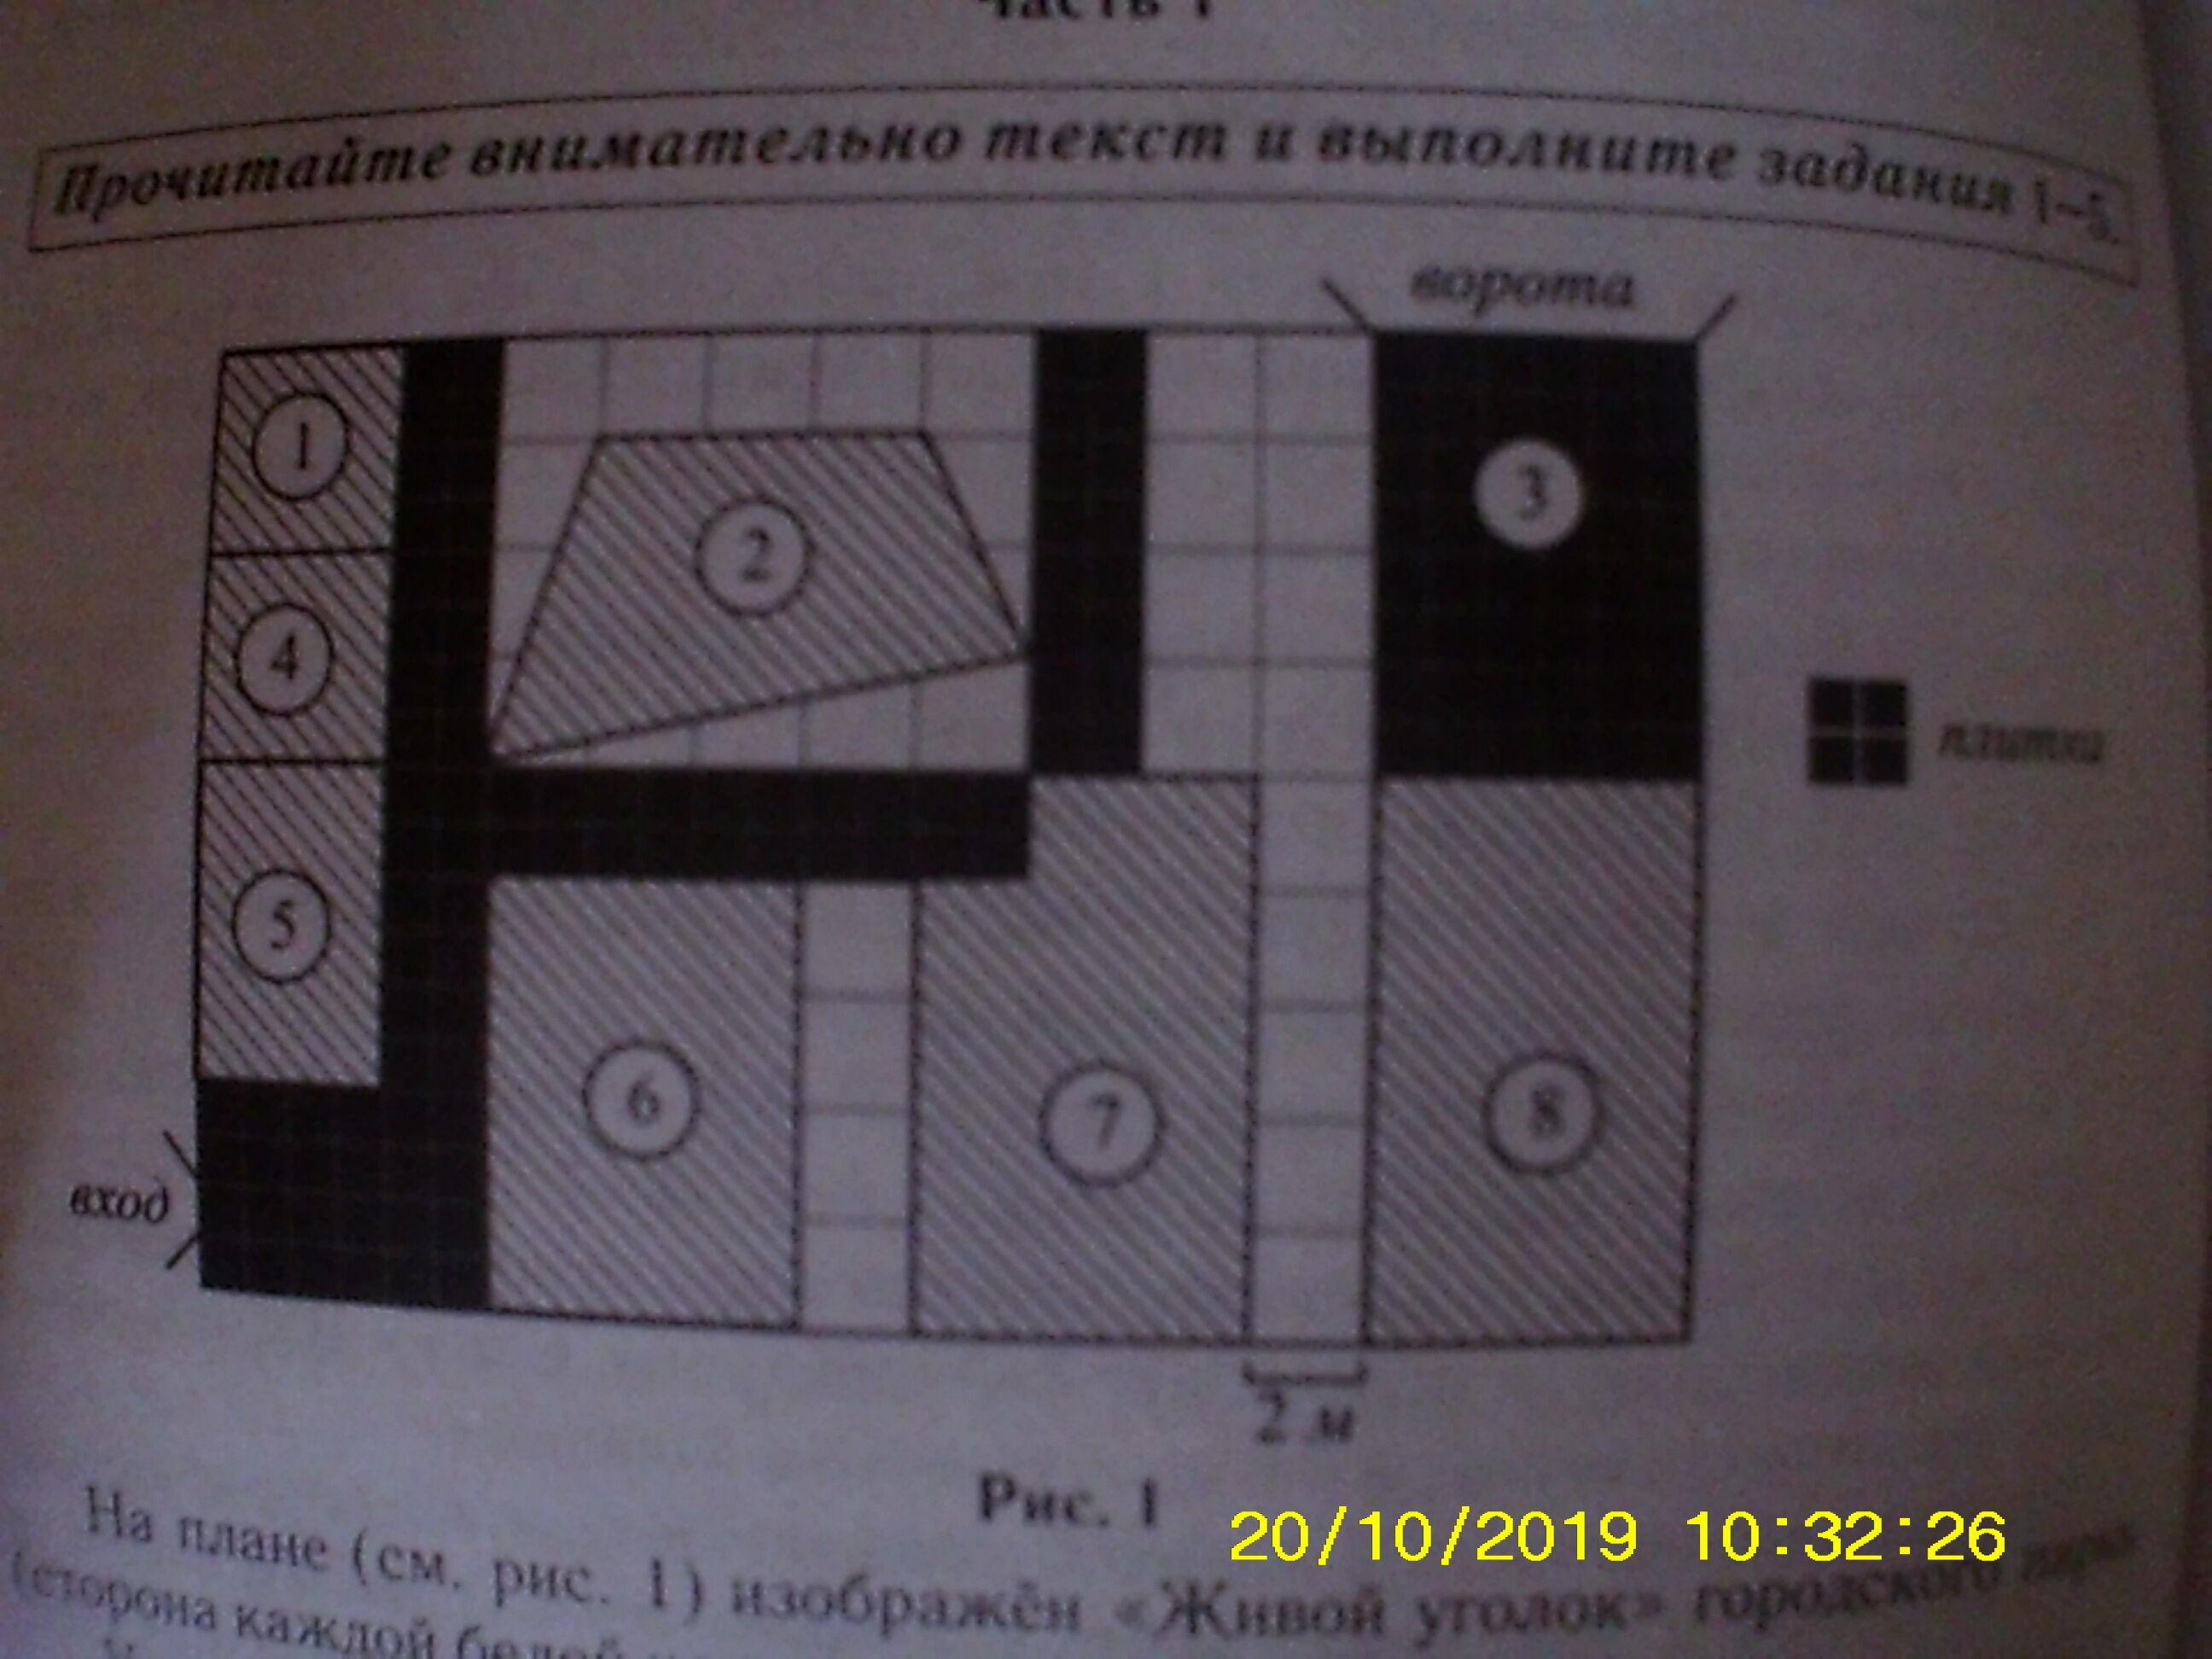 найдите суммарную площадь которую занимает займ экспресс чехов